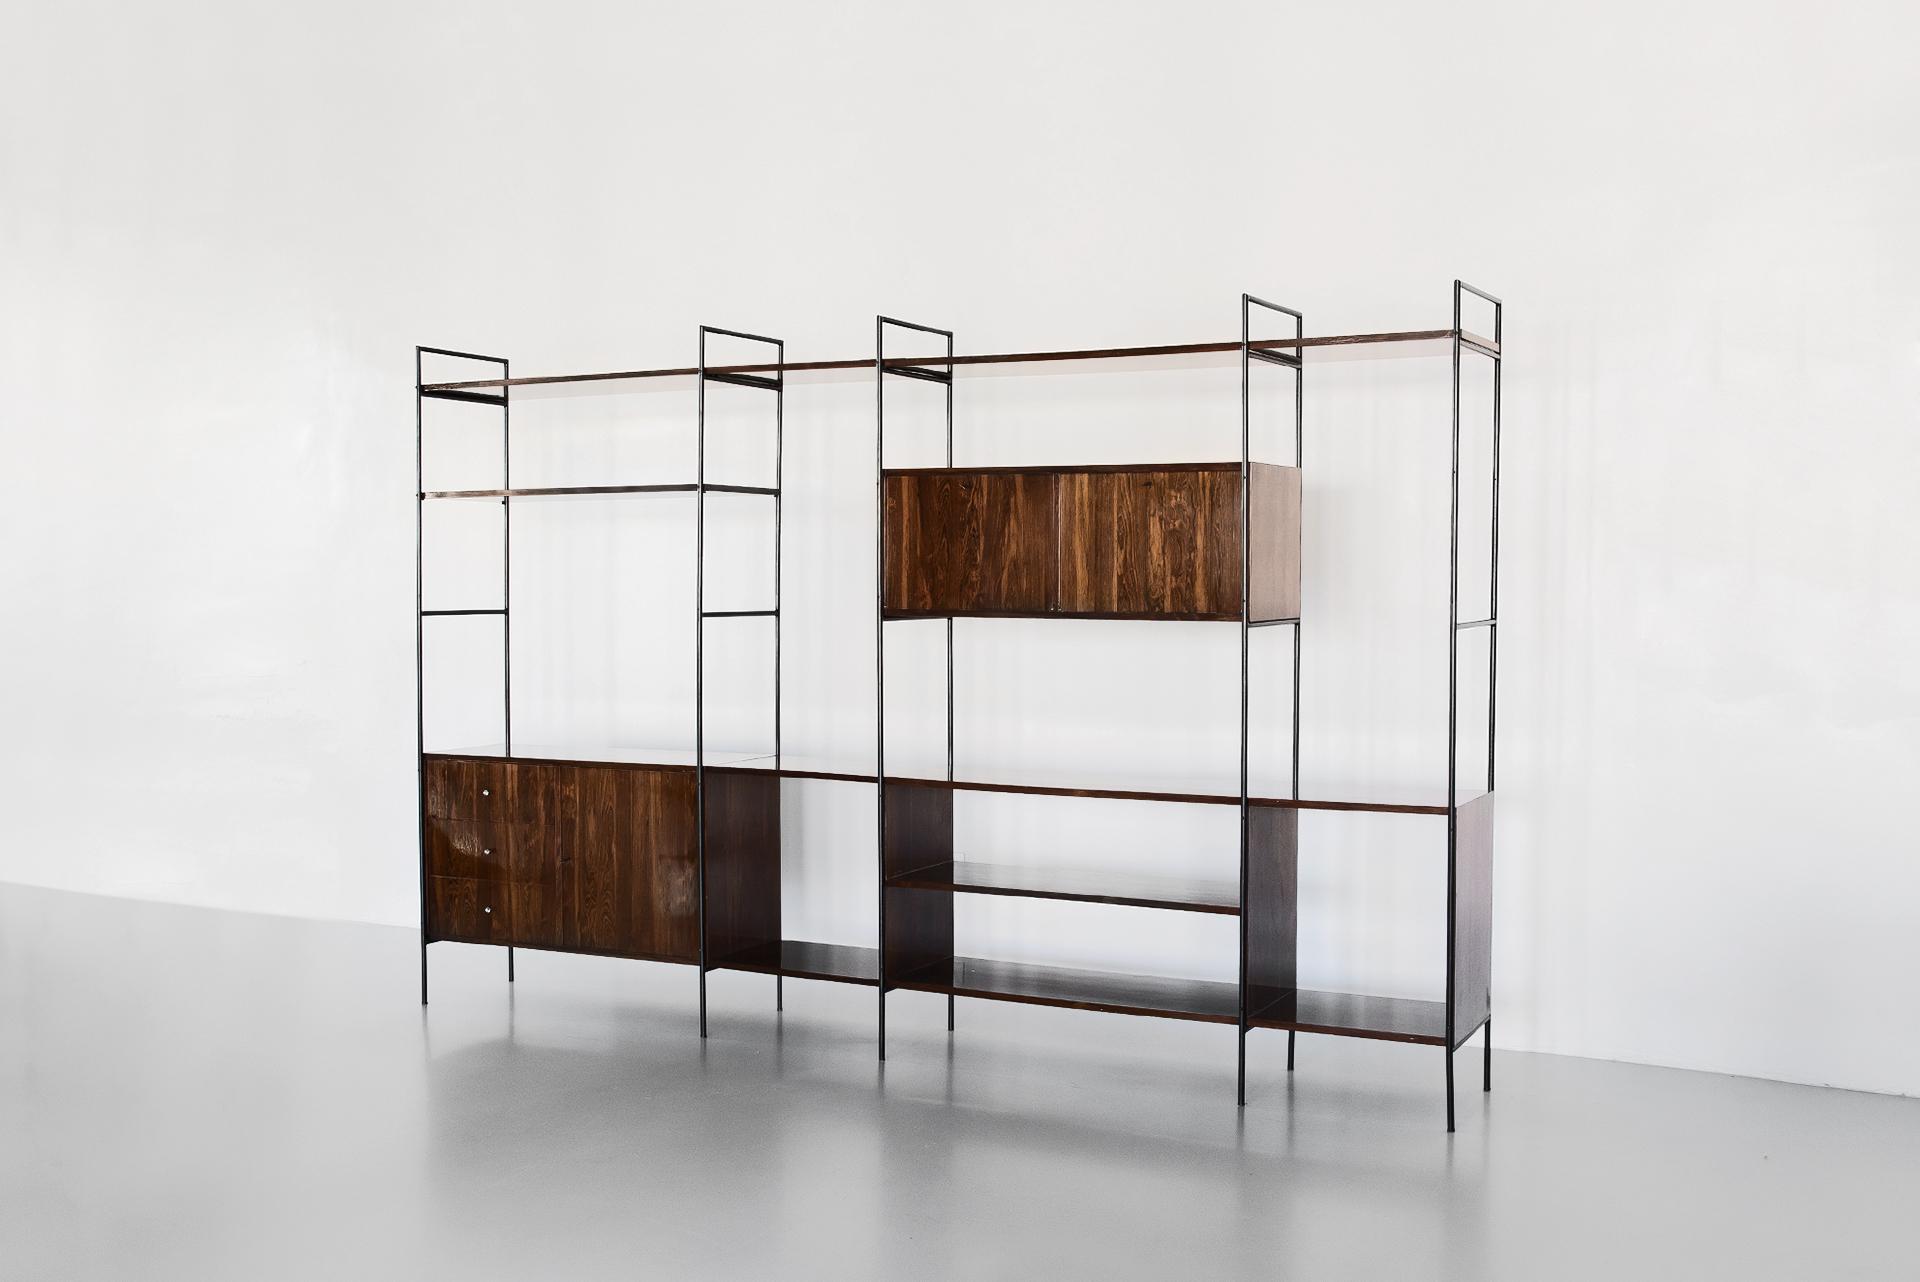 Jacaranda veneer bookcase designer by Geraldo de Barros with Unilabor in the 1950s